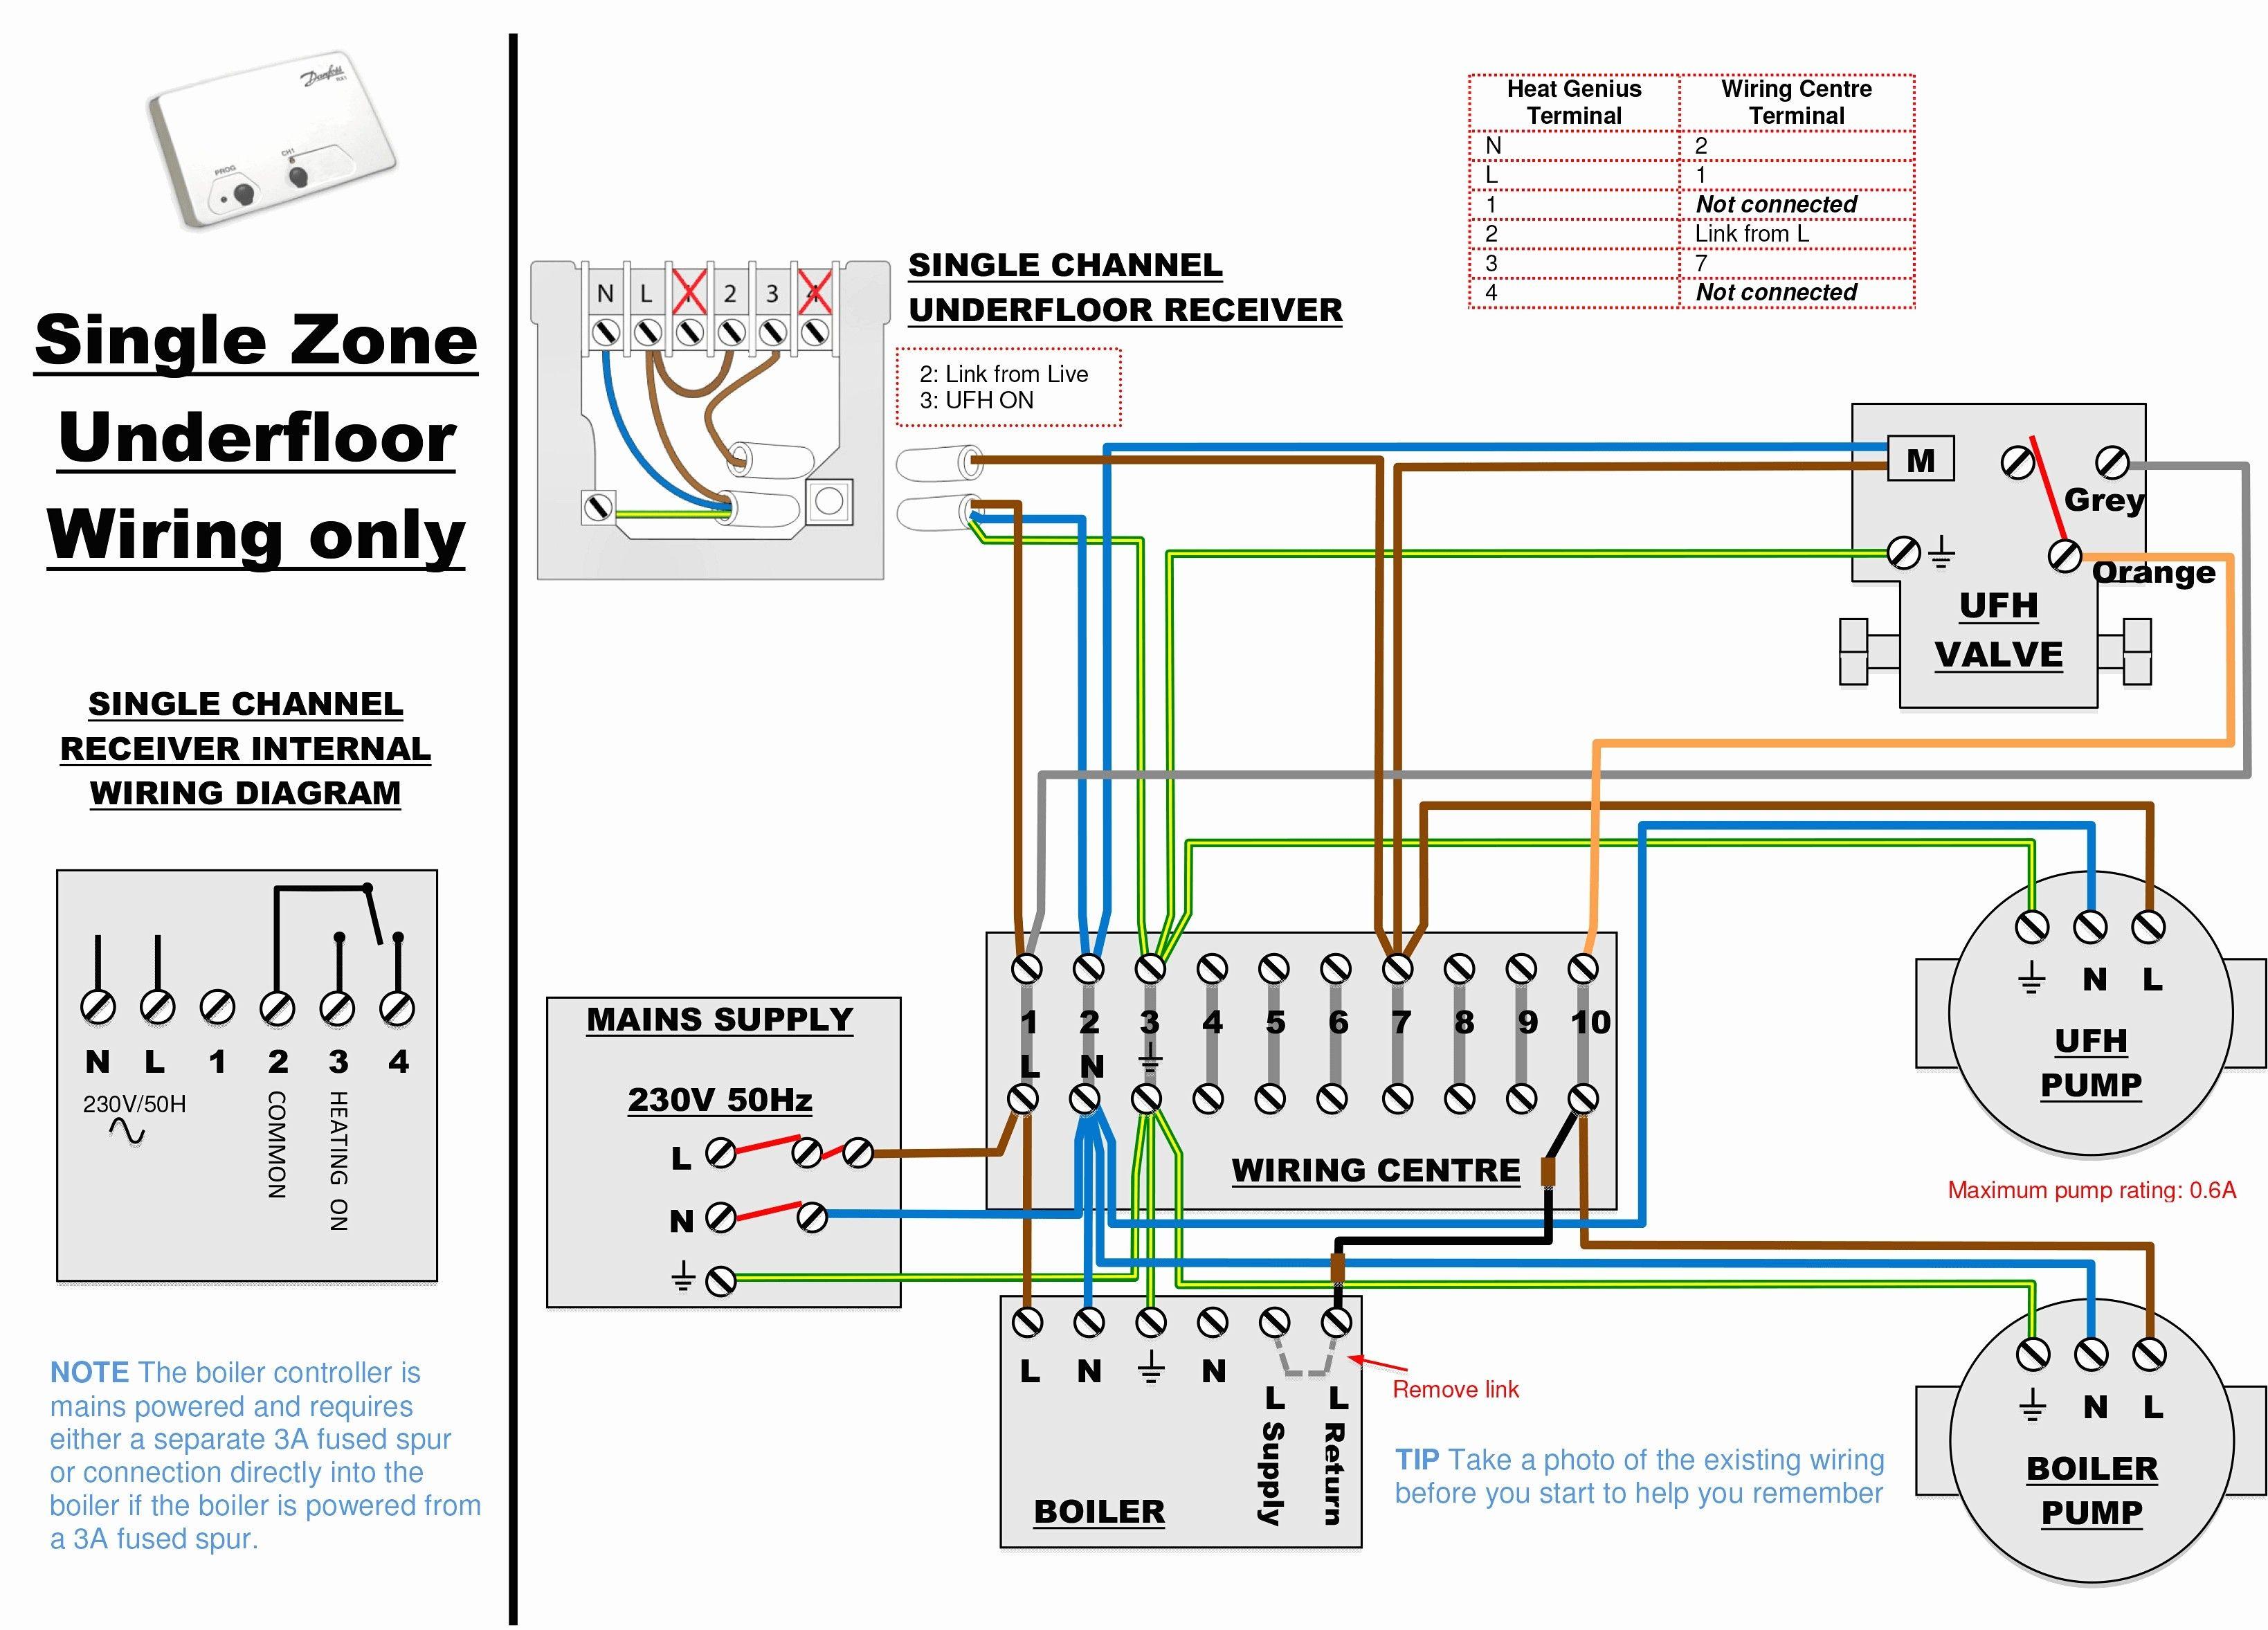 Danfoss Wiring Diagram | Wiring Diagram on